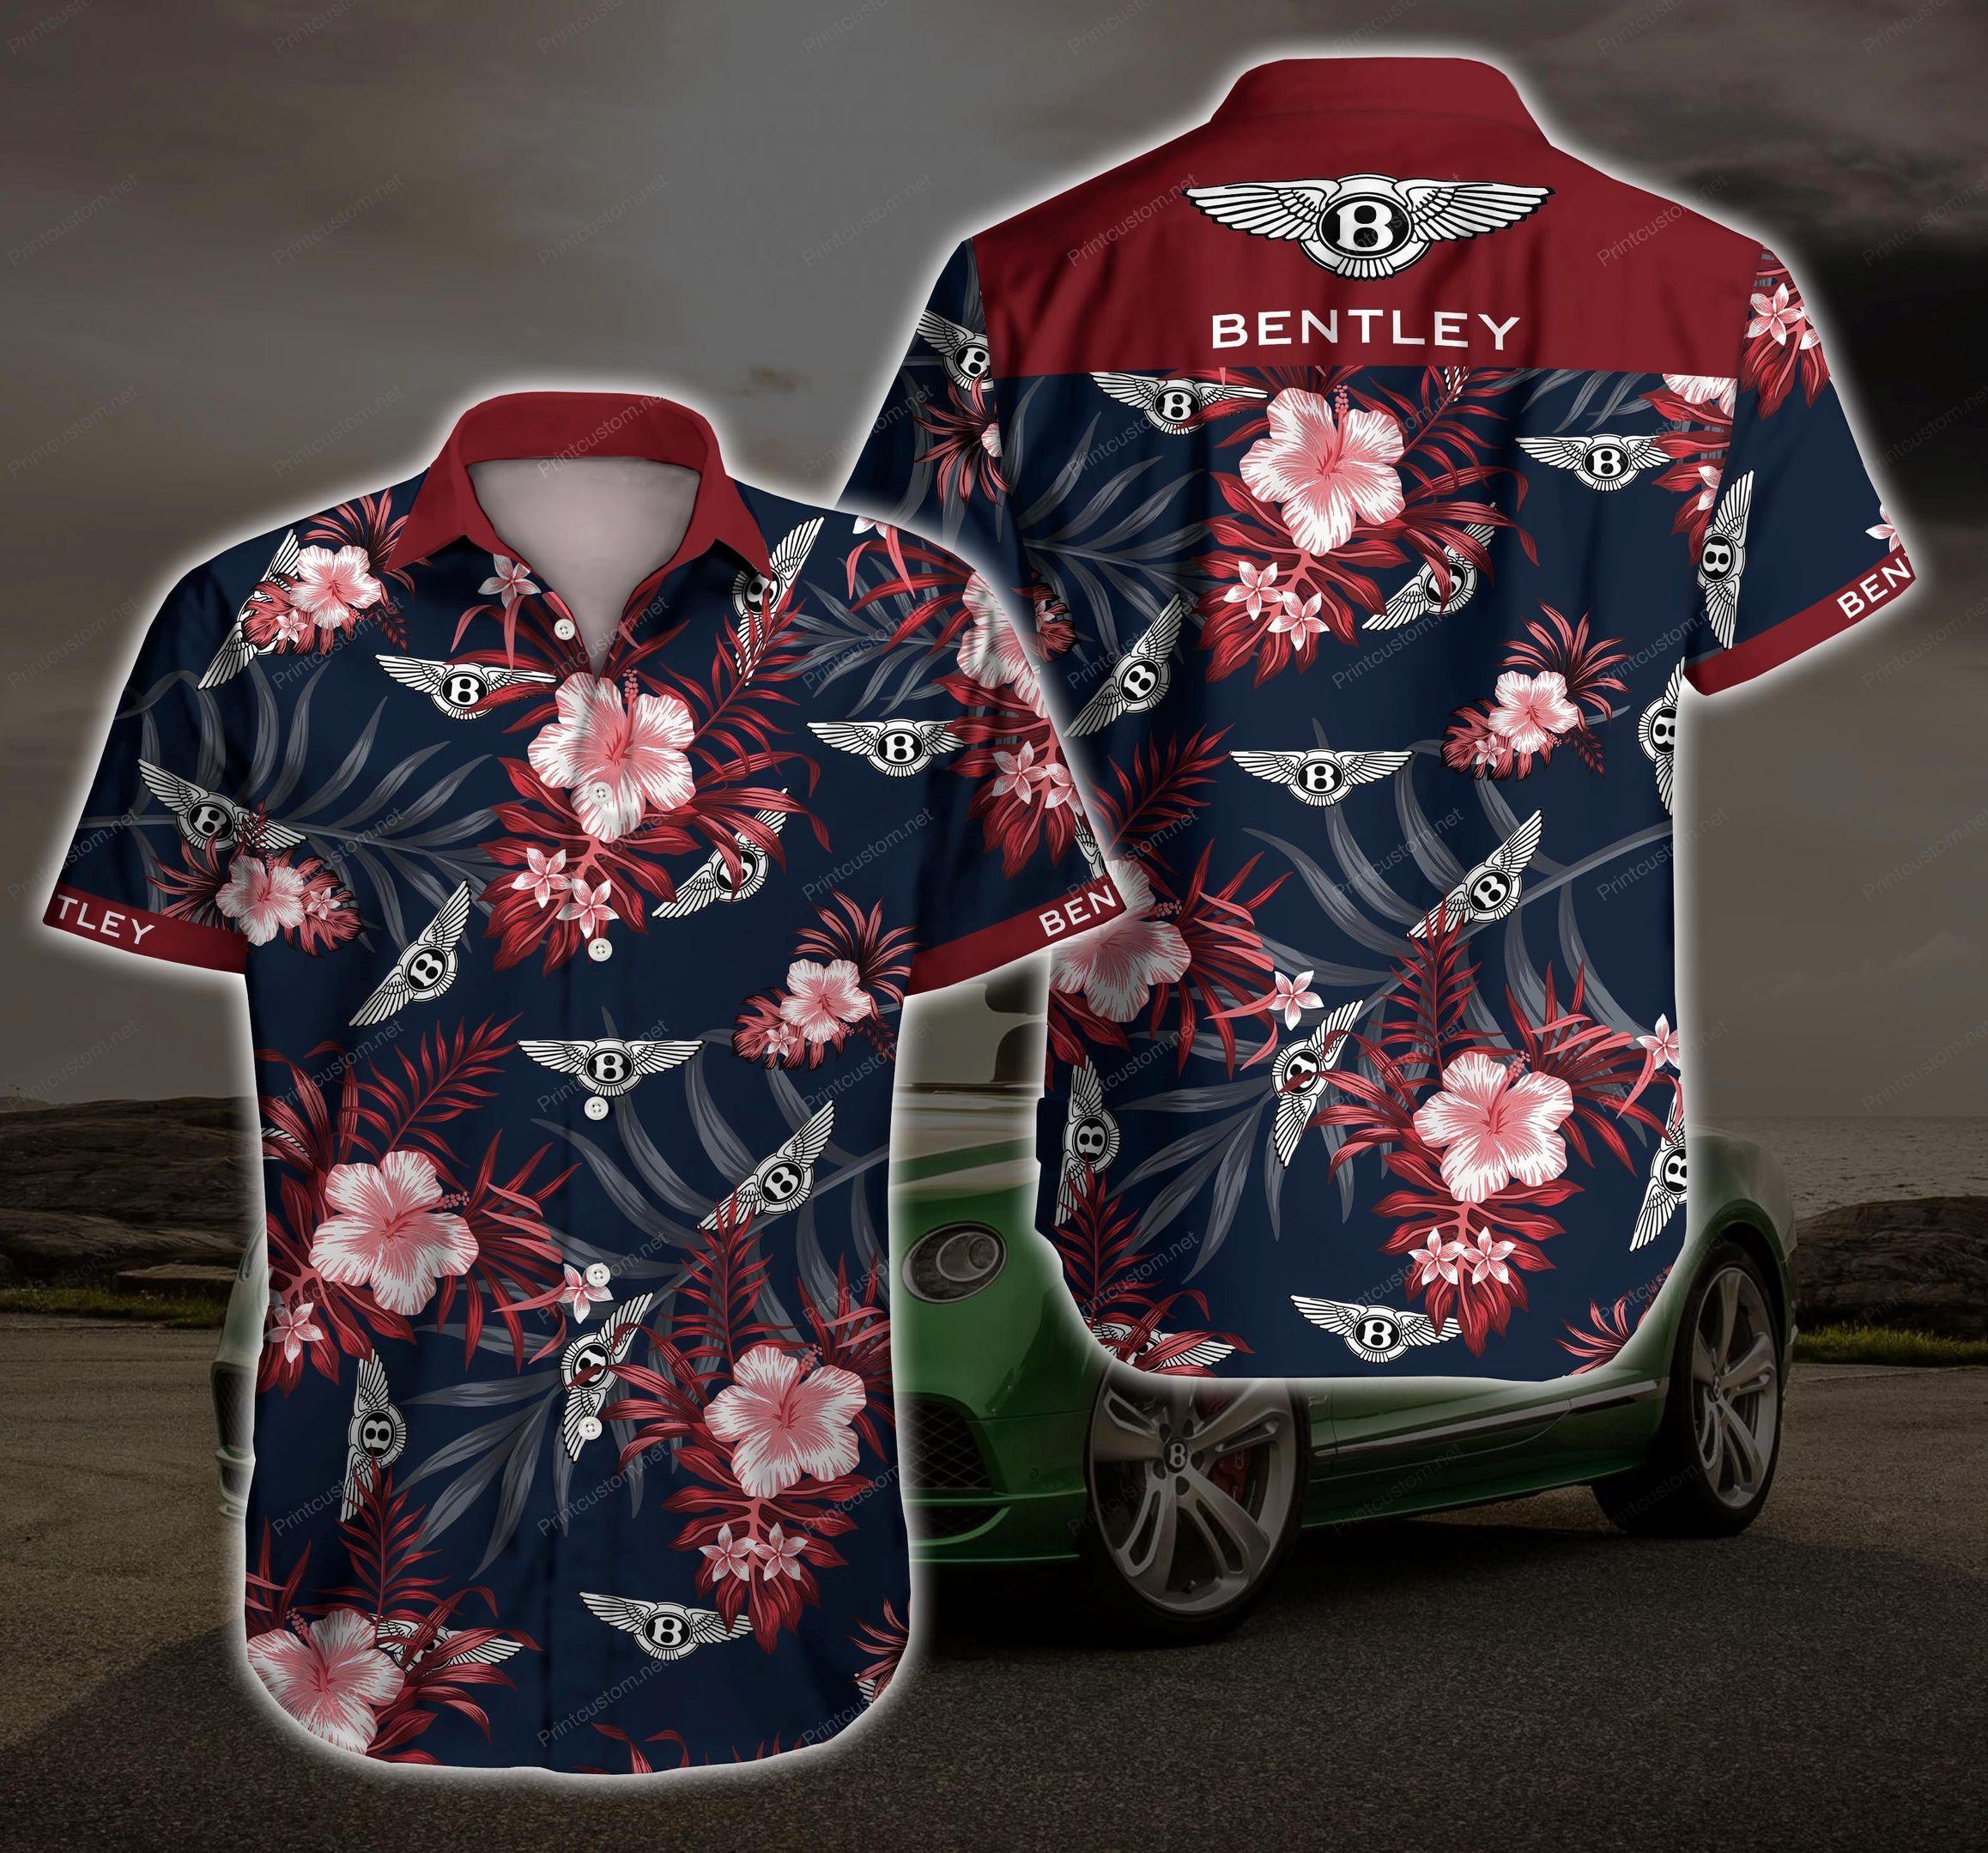 Bentley Floral Hawaiian Shirt Summer Shirt